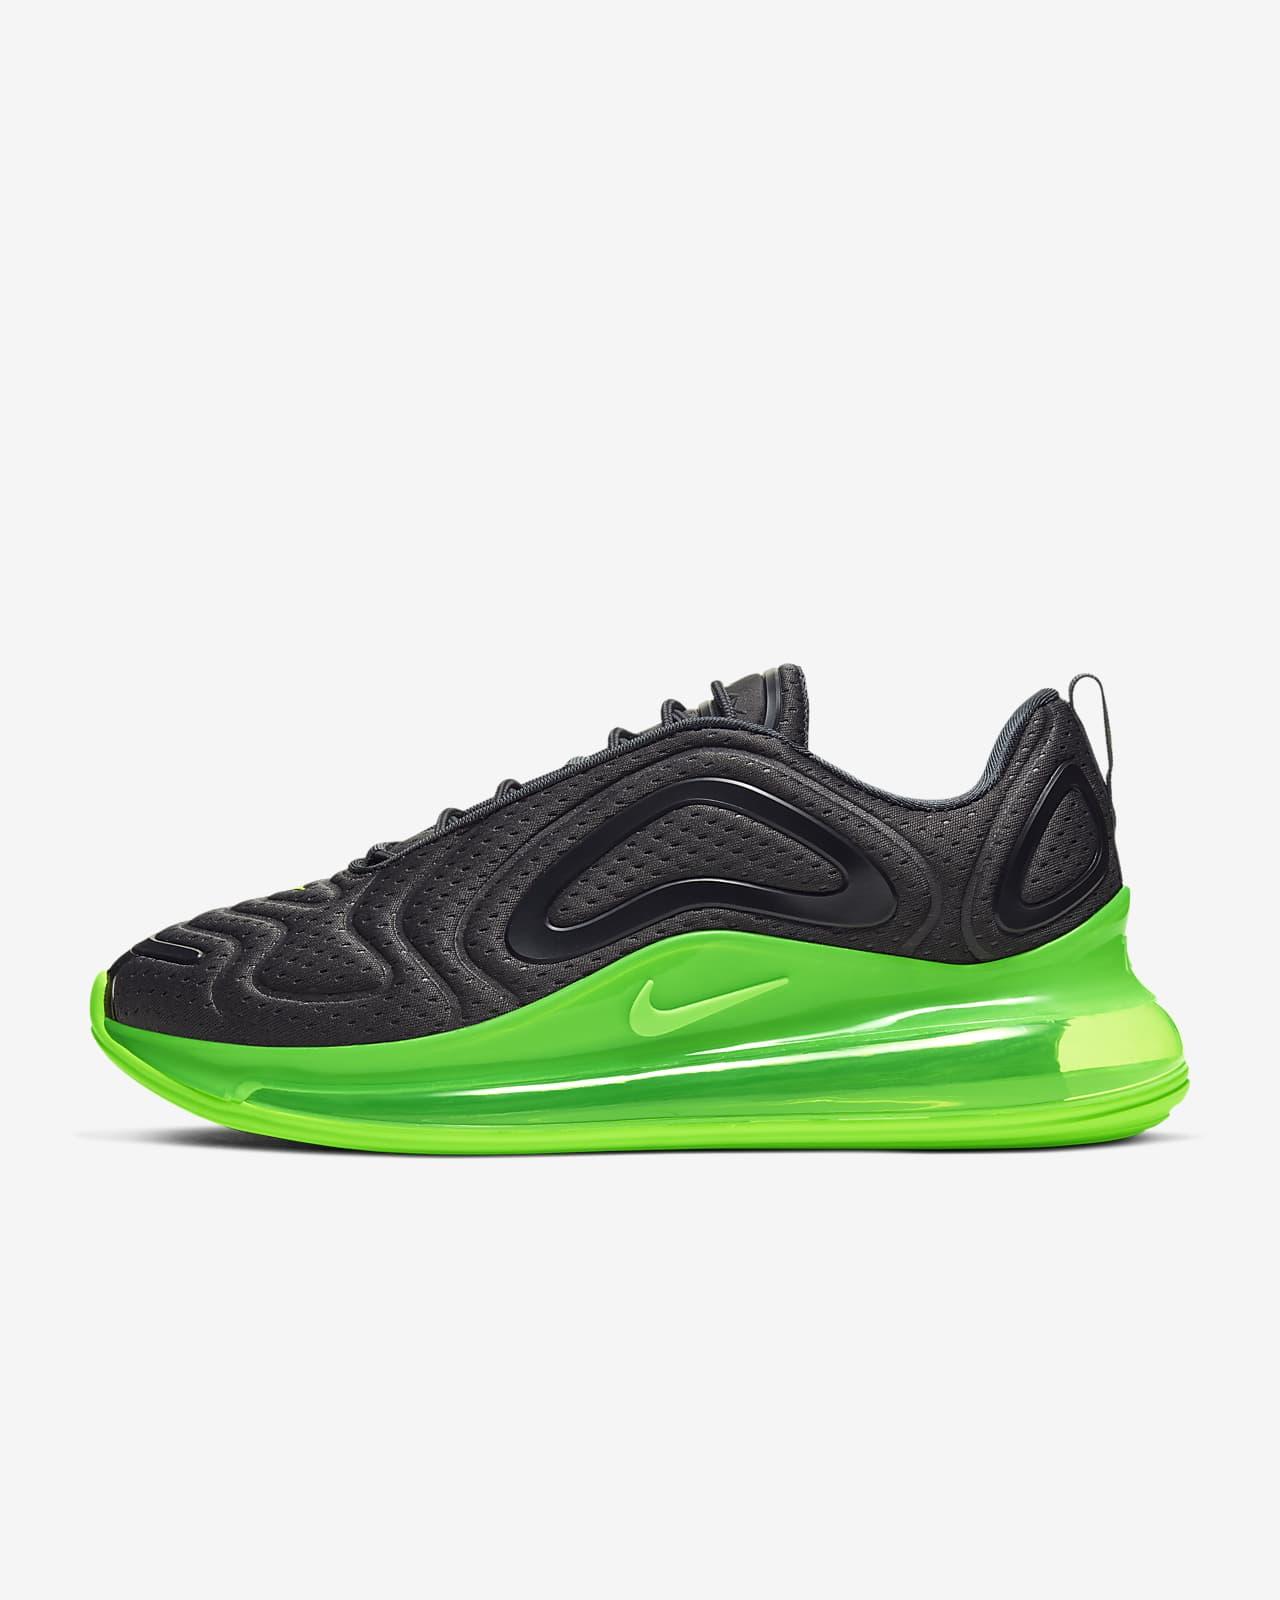 รองเท้าผู้ชาย Nike Air Max 720